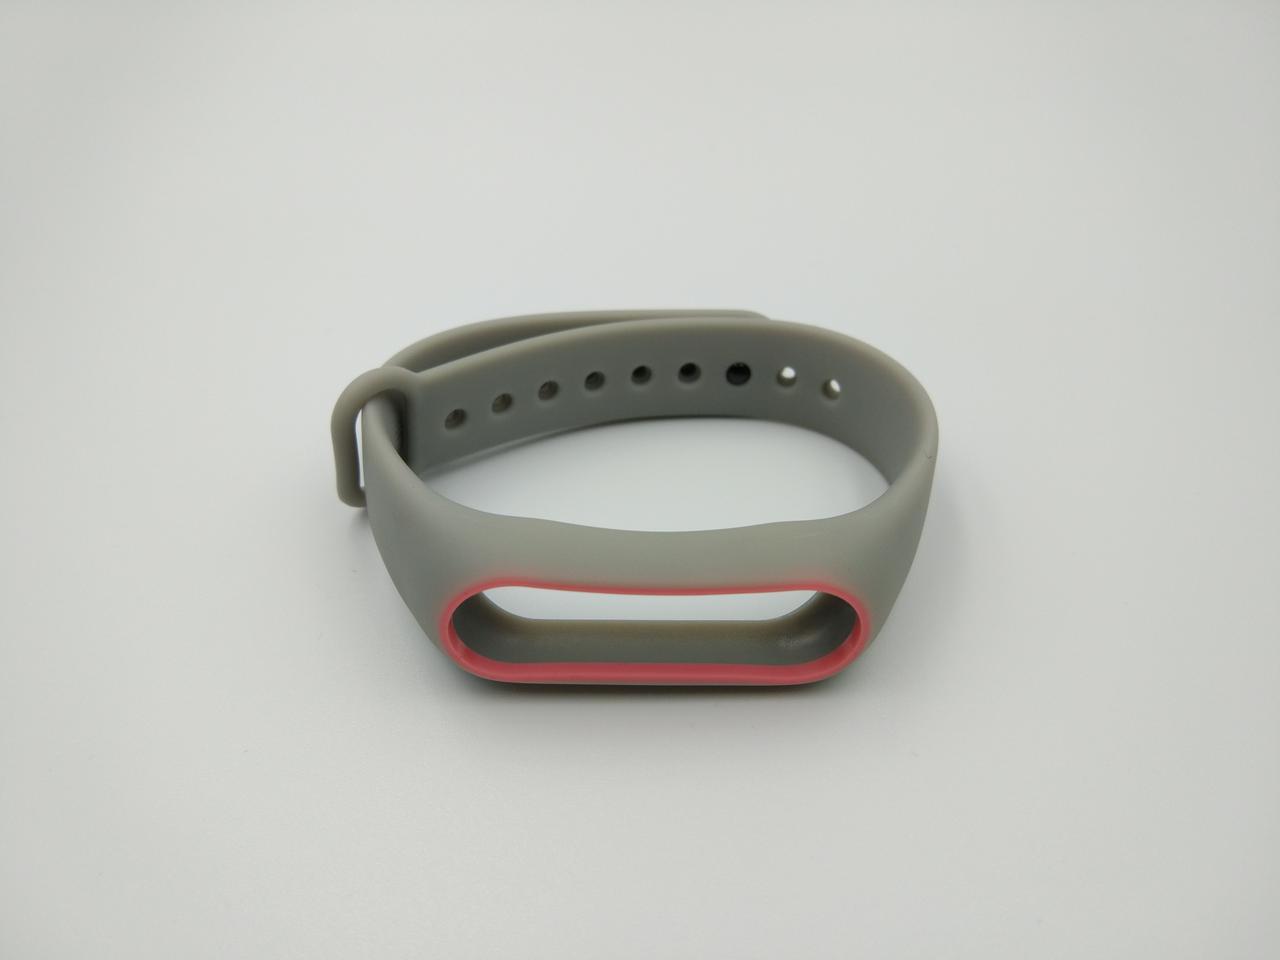 Ремешок Xiaomi Mi Band 2 MiJobs силиконовый с рамкой Серый / Розовый [1088]